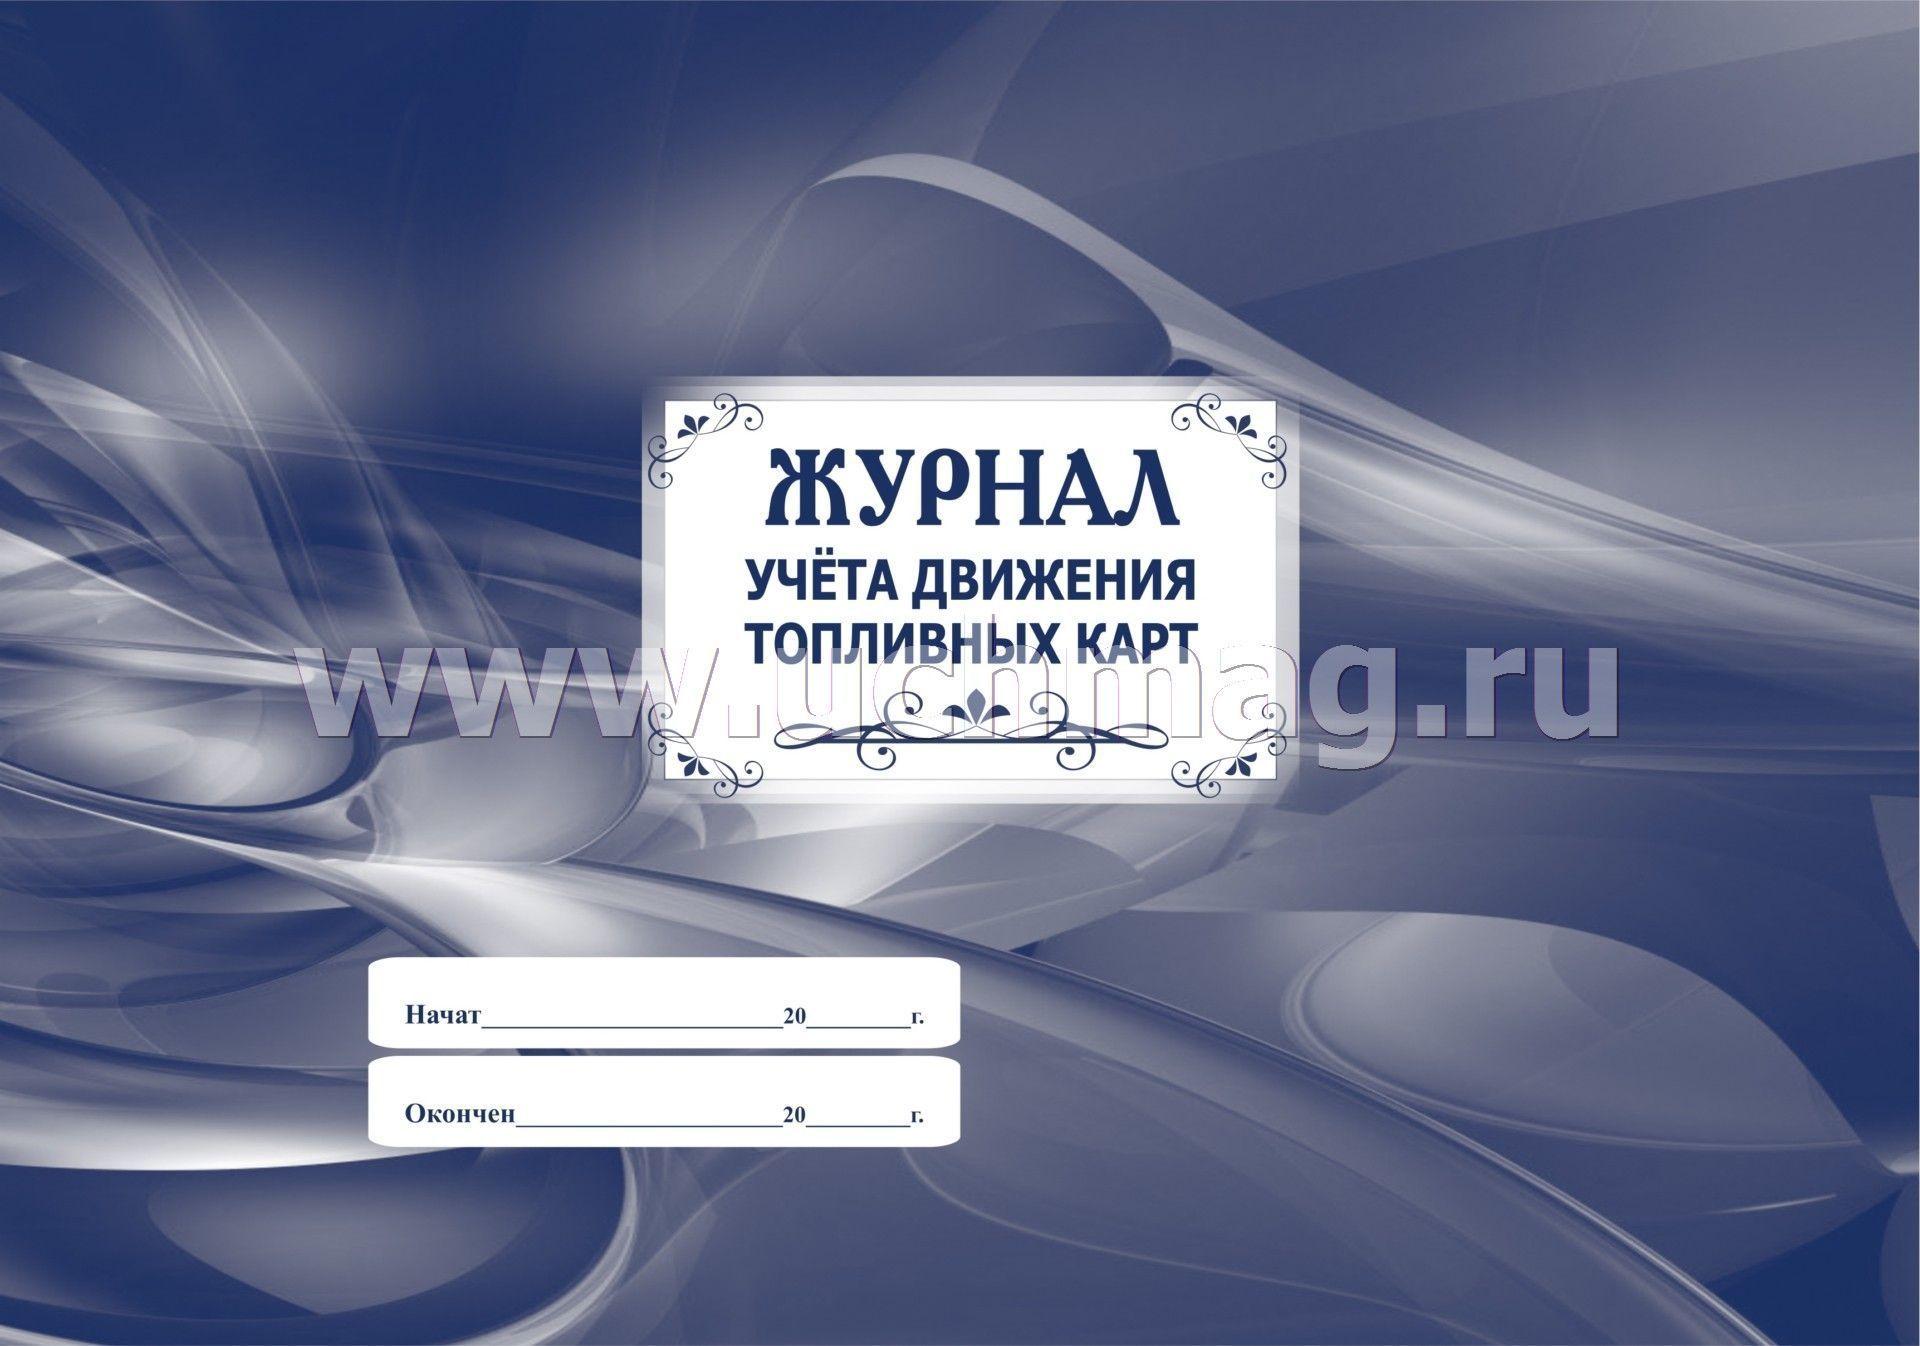 Сравнить visa Щекино цены platinum